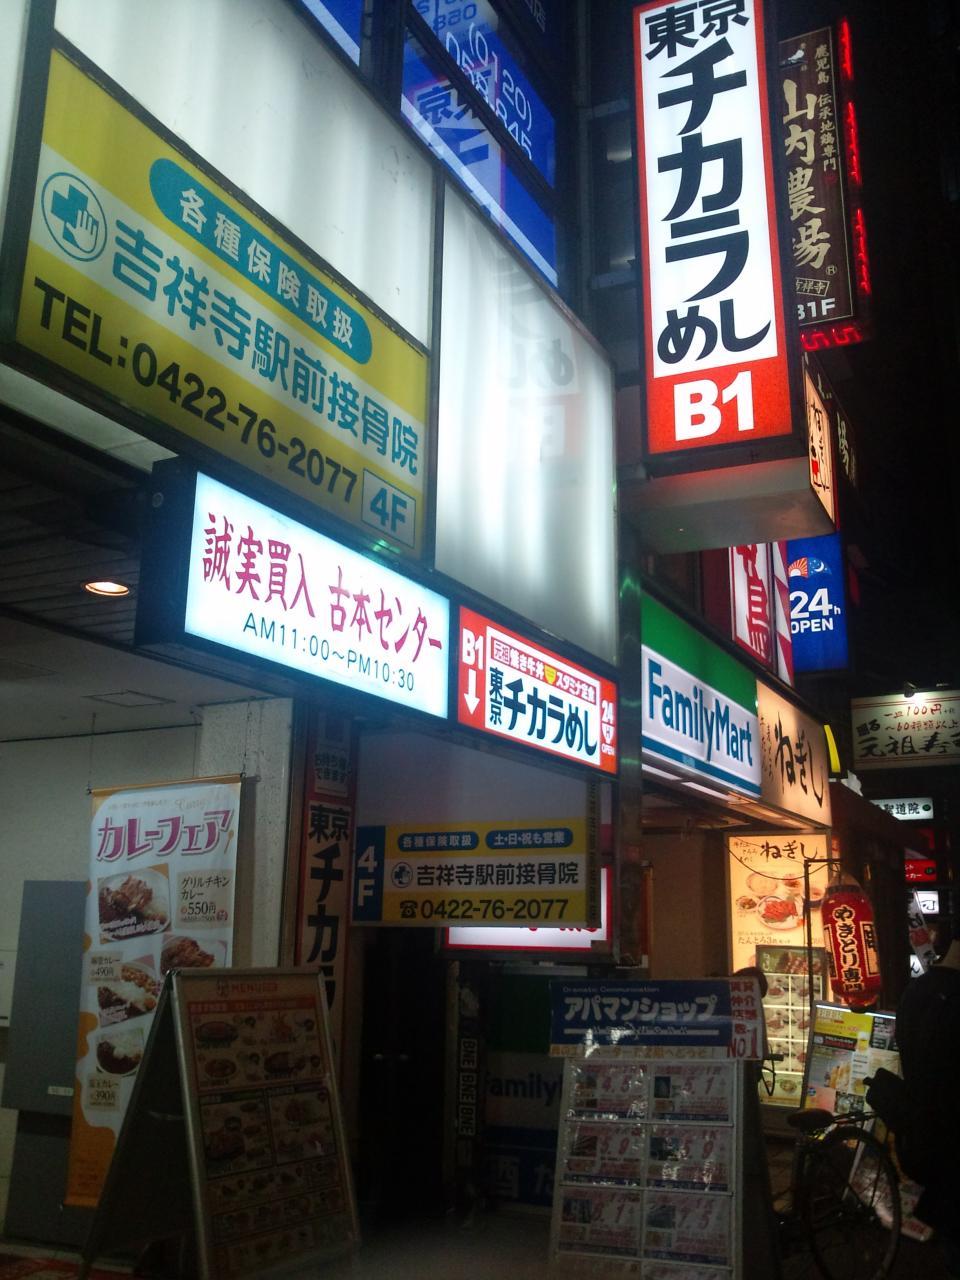 東京チカラめし吉祥寺公園口店(店舗外観)